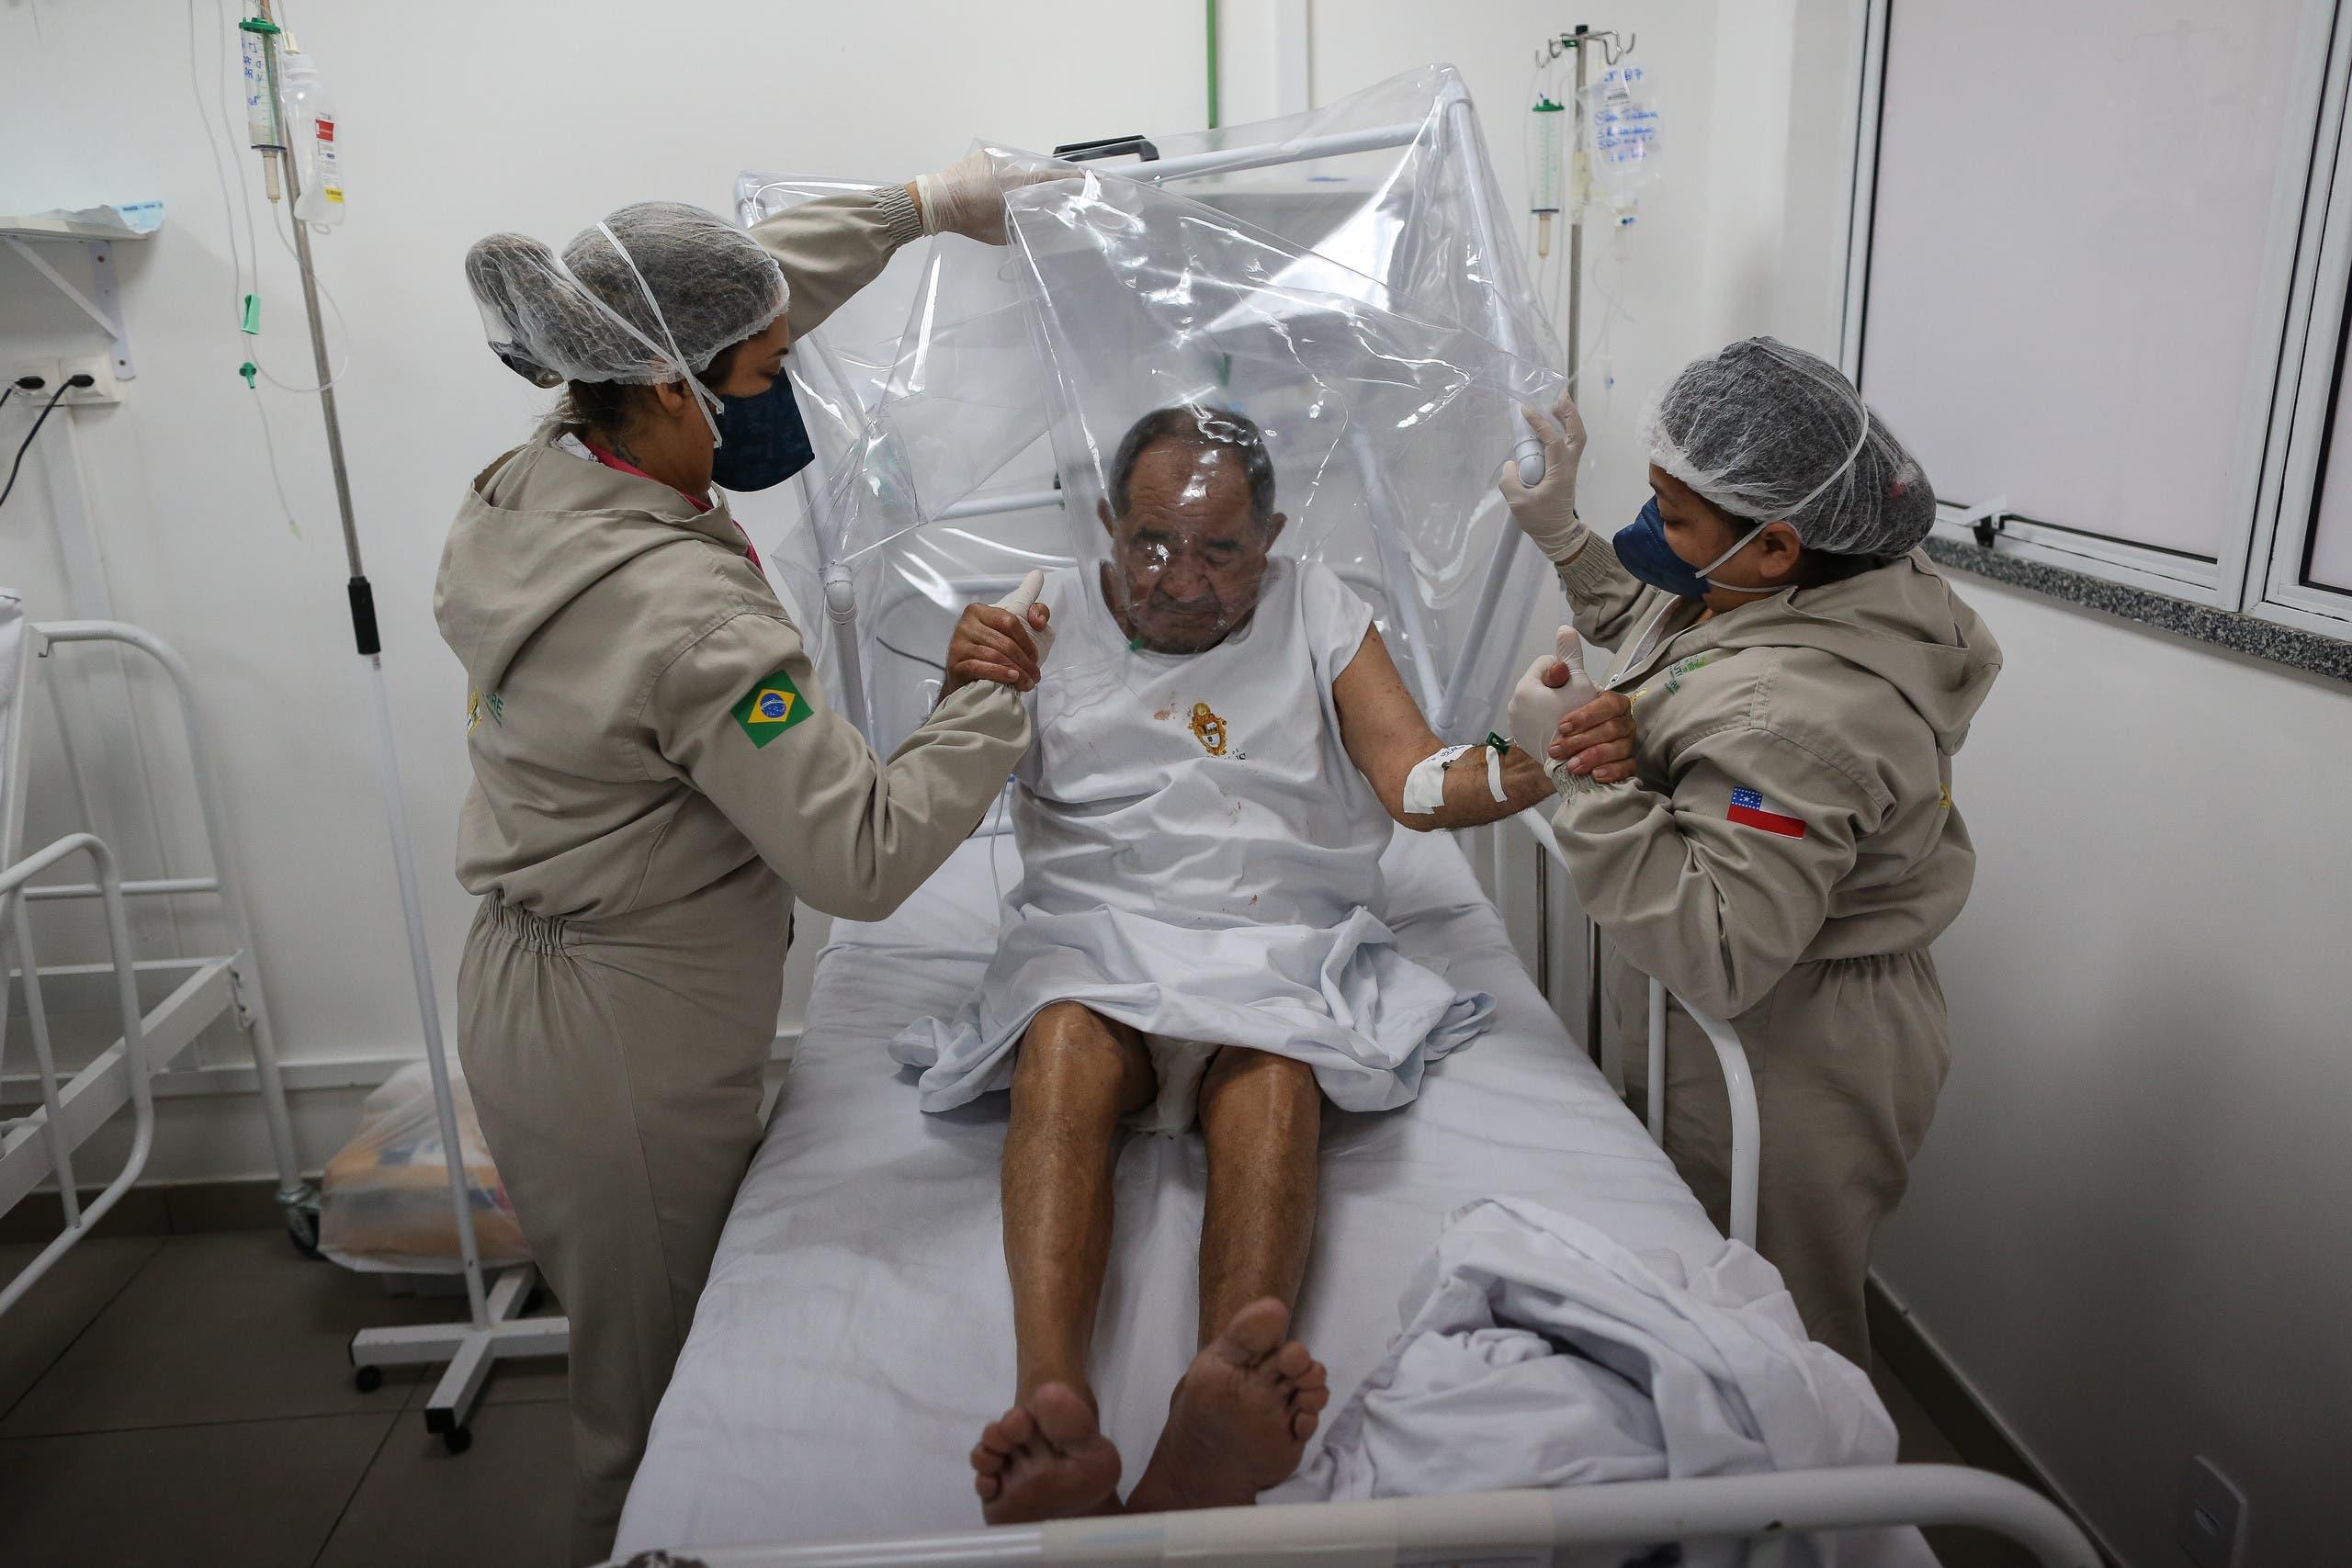 ممرضتان تعتنيان بمصاب بكورونا في البرازيل